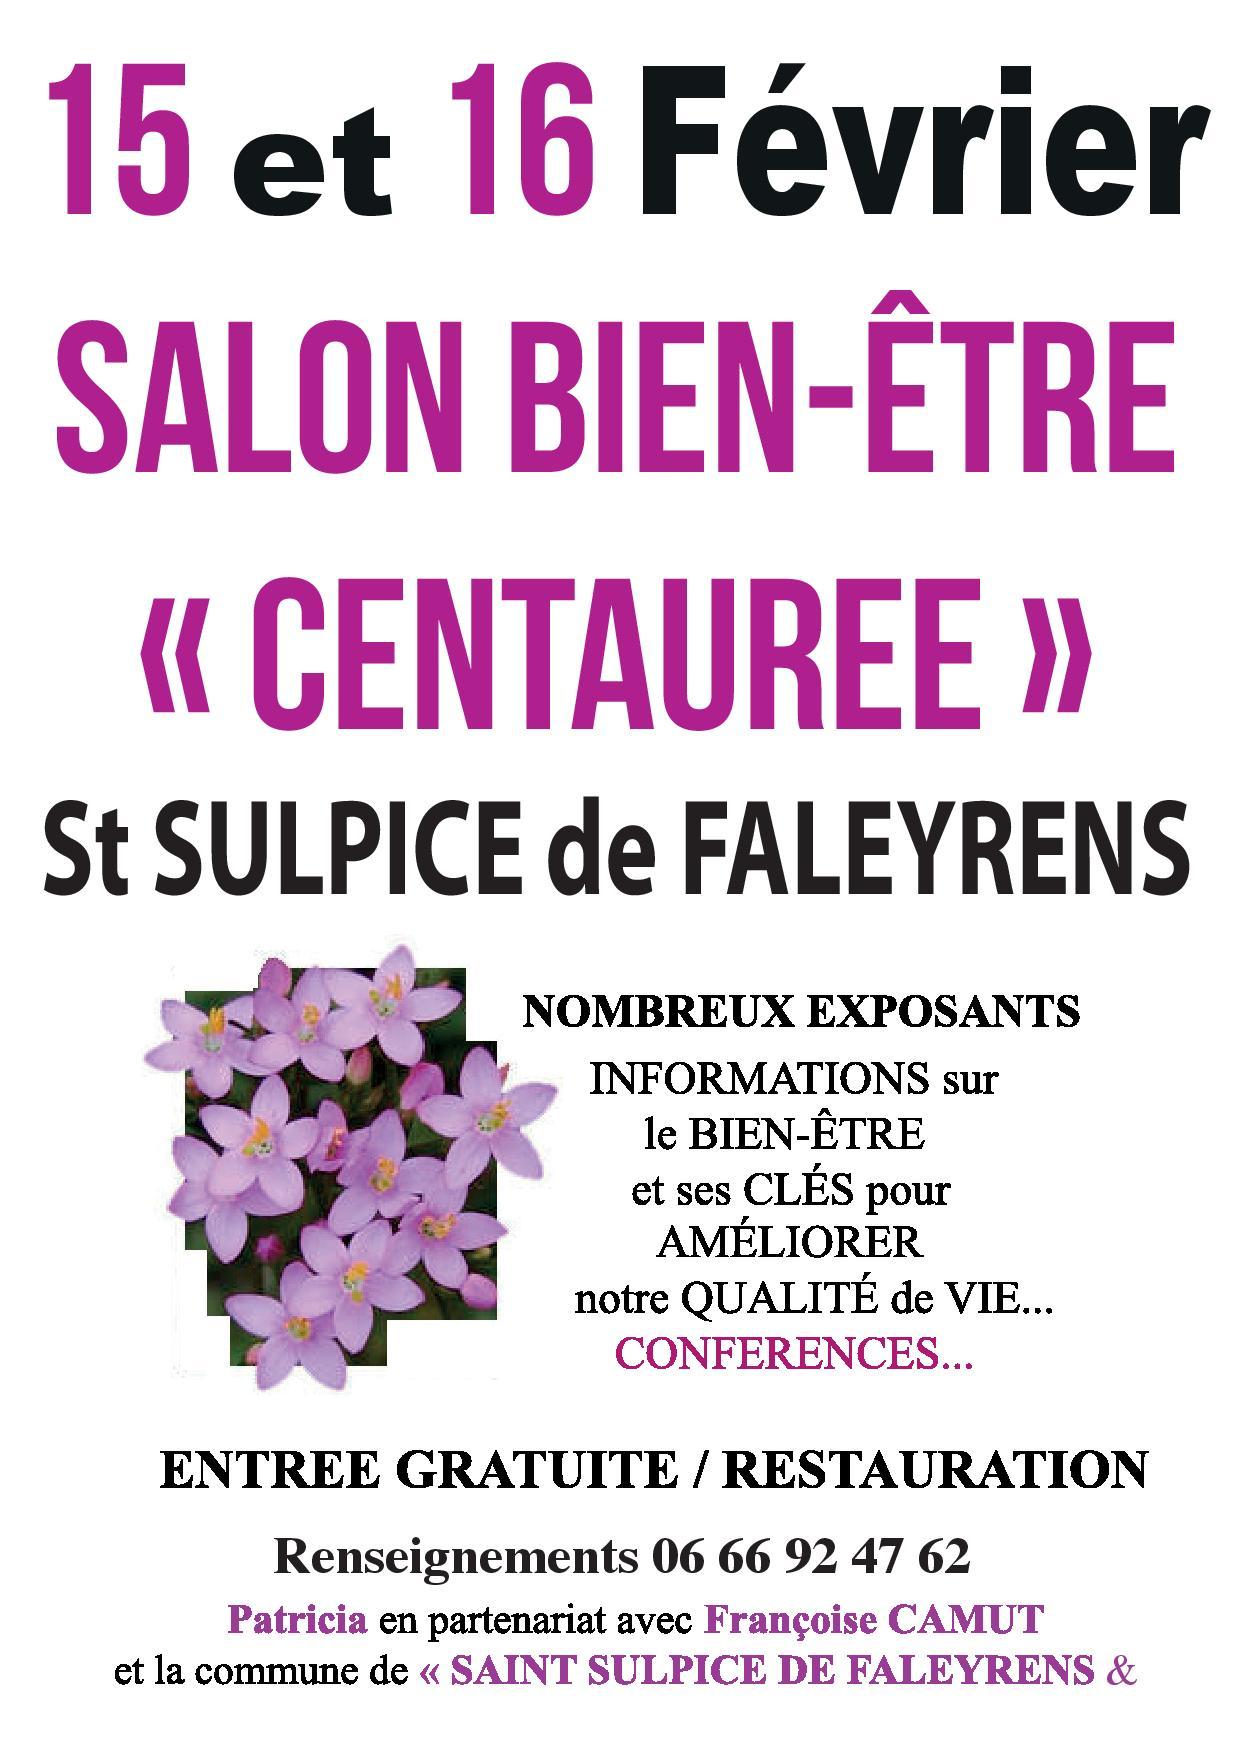 Le salon du Bien-être à Saint Sulpice de Faleyrens